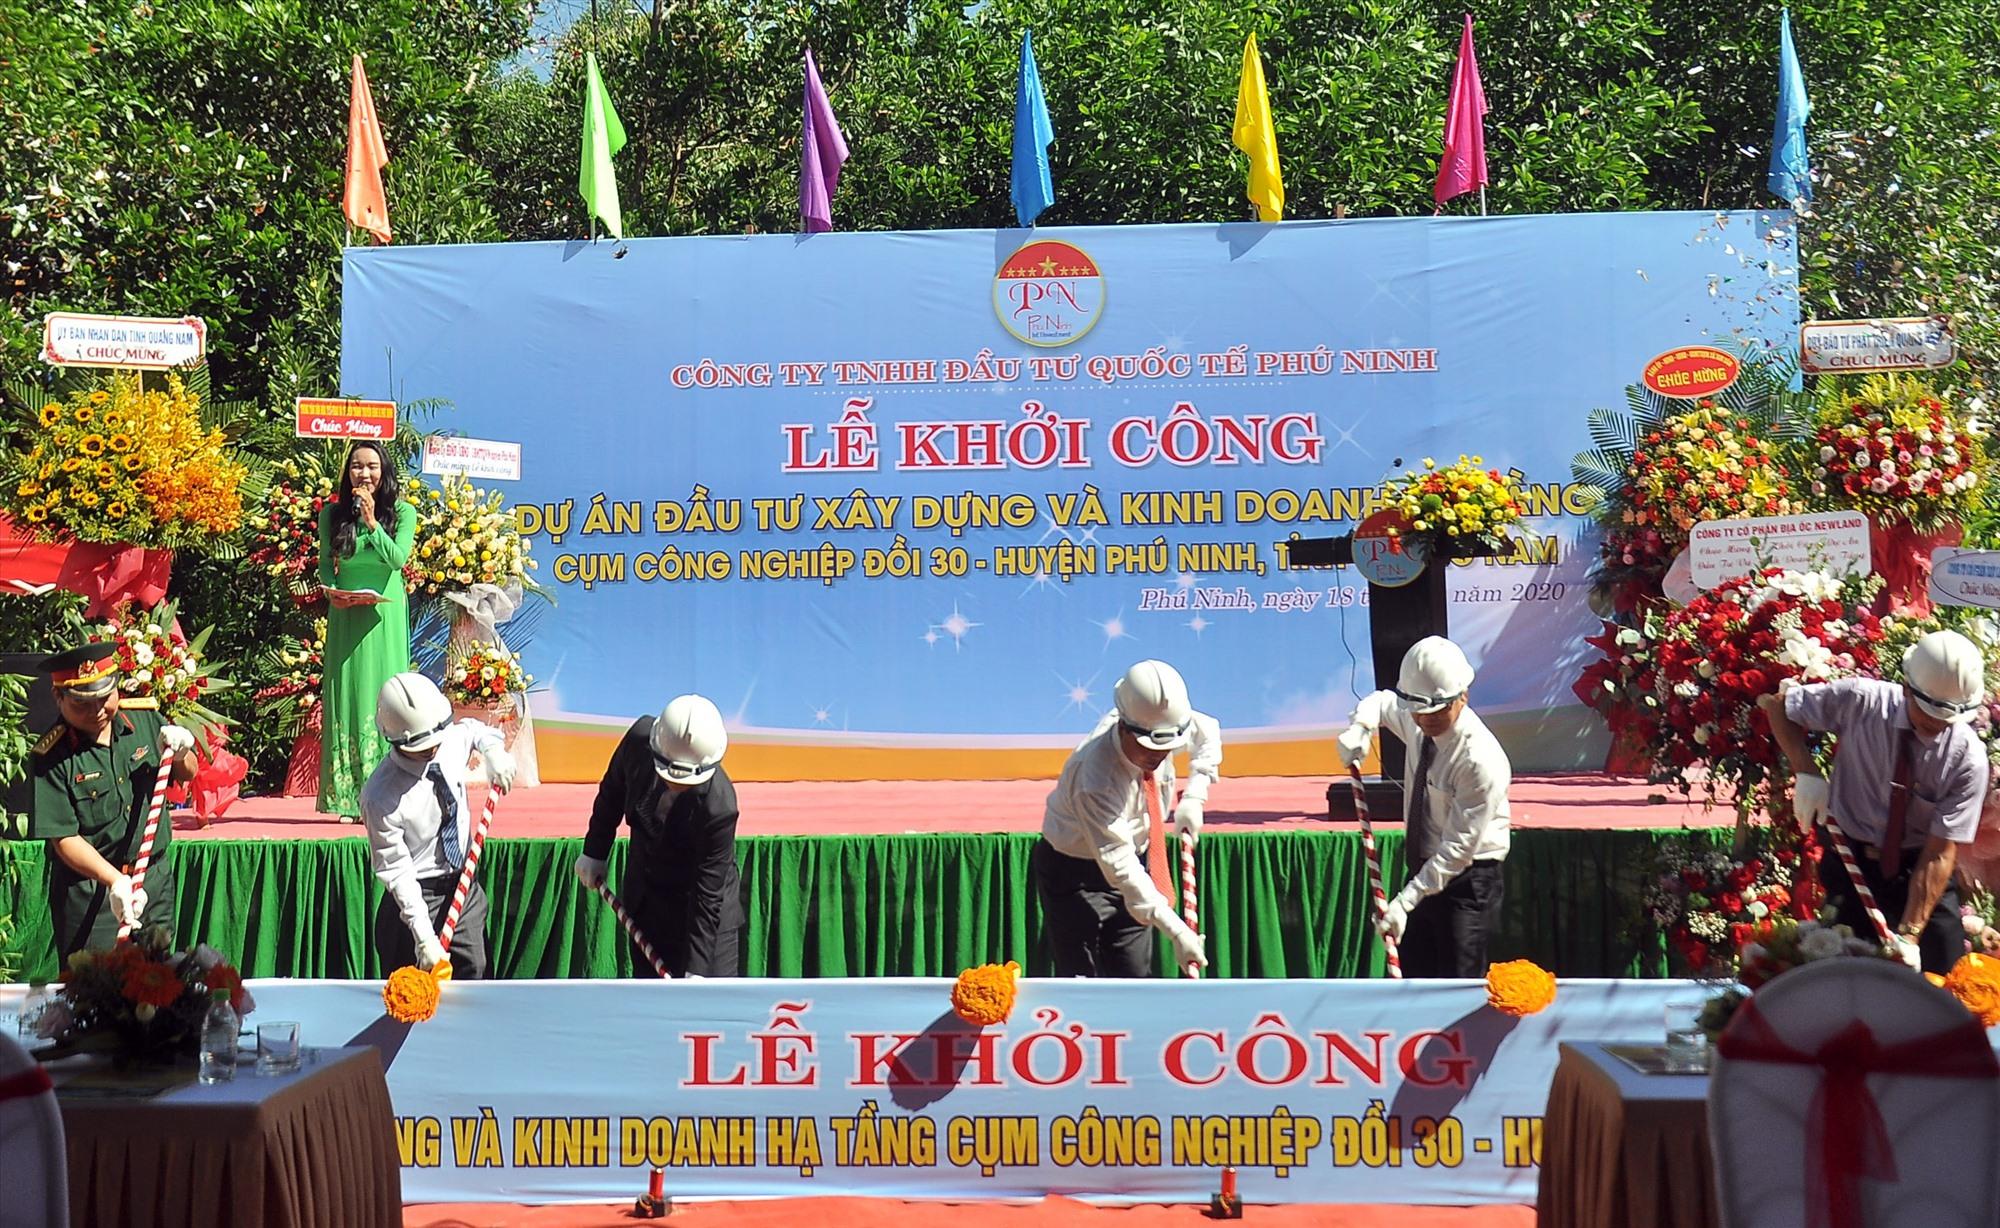 Hoạt động của các cụm công nghiệp trên địa bàn Phú Ninh còn nhiều khó khăn.